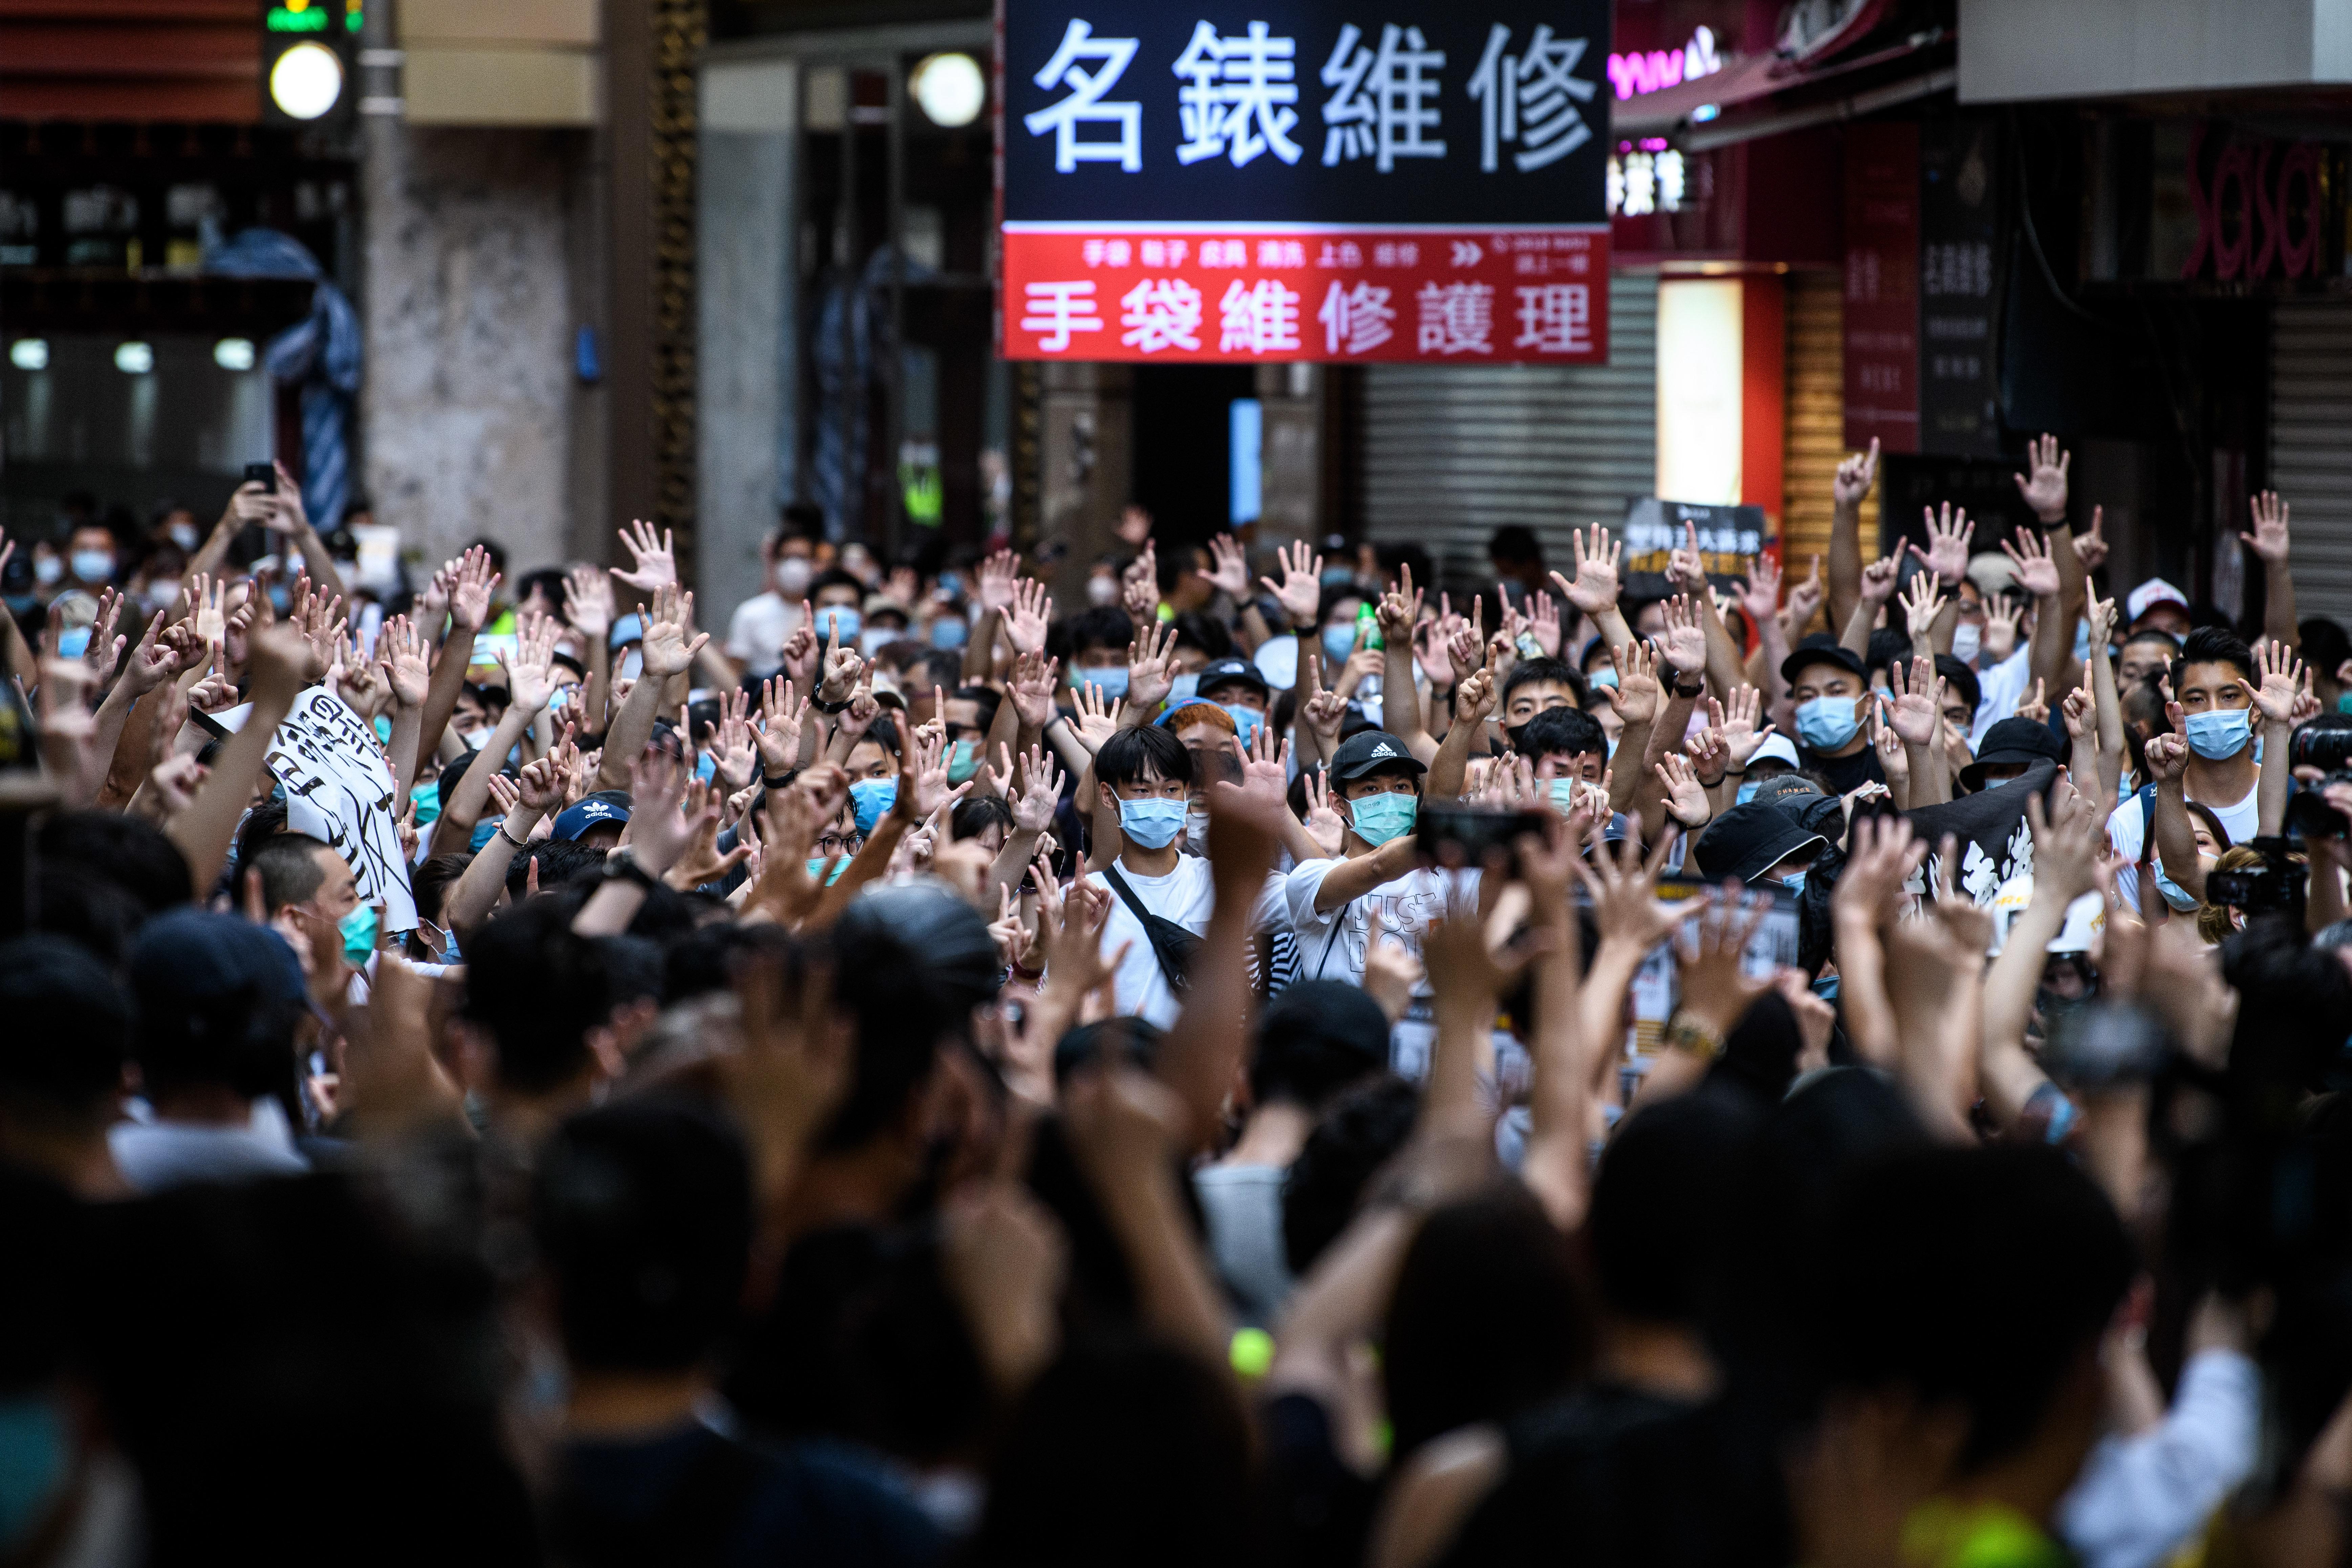 Az új nemzetbiztonsági törvény nem fogja megállítani a hongkongi tüntetőket